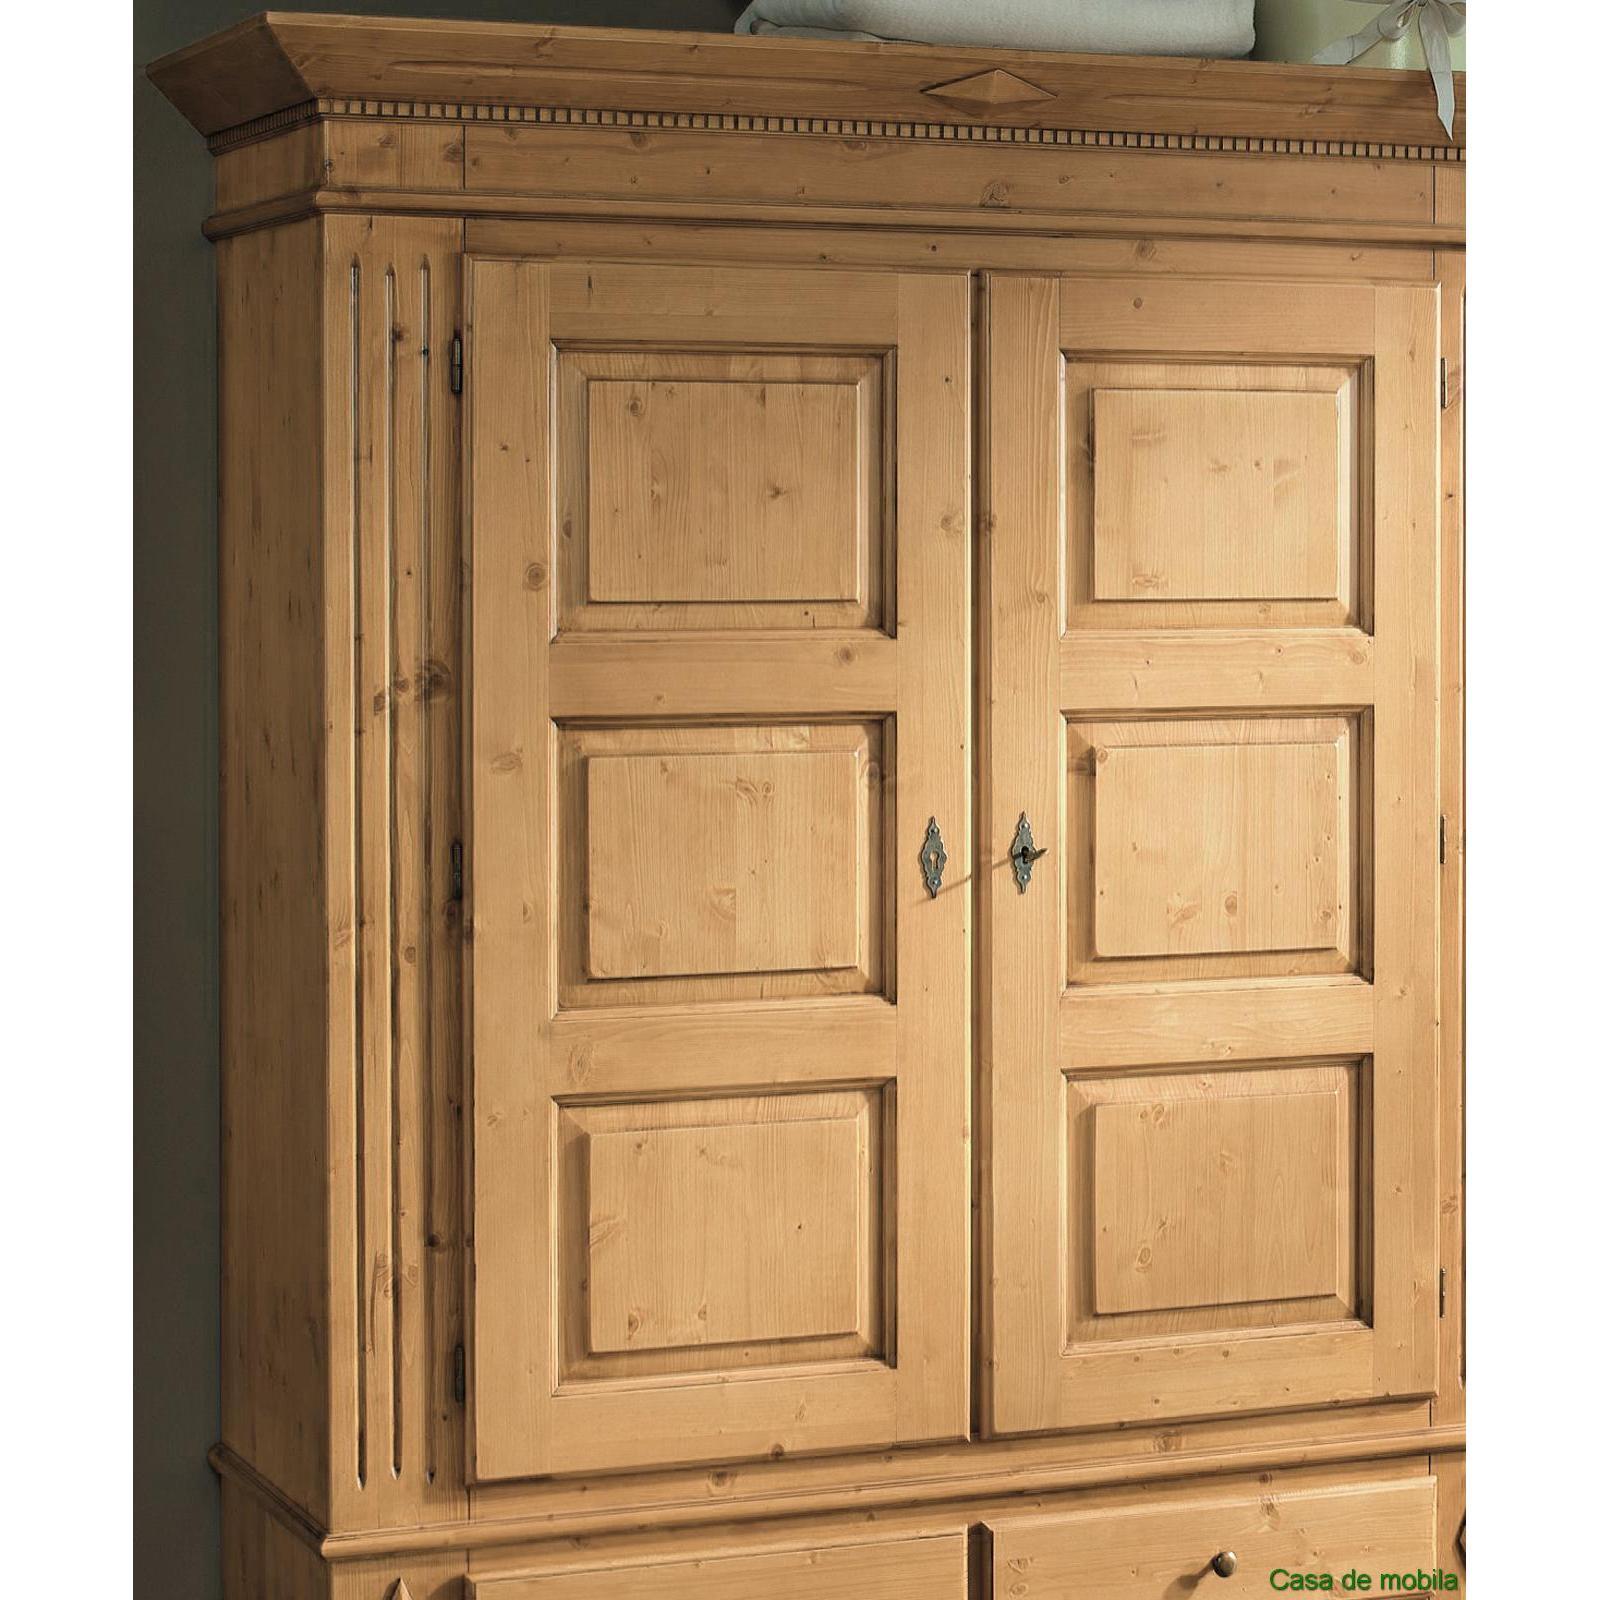 garderobenschrank kleiderschrank fichte massiv antik lackiert isabella. Black Bedroom Furniture Sets. Home Design Ideas